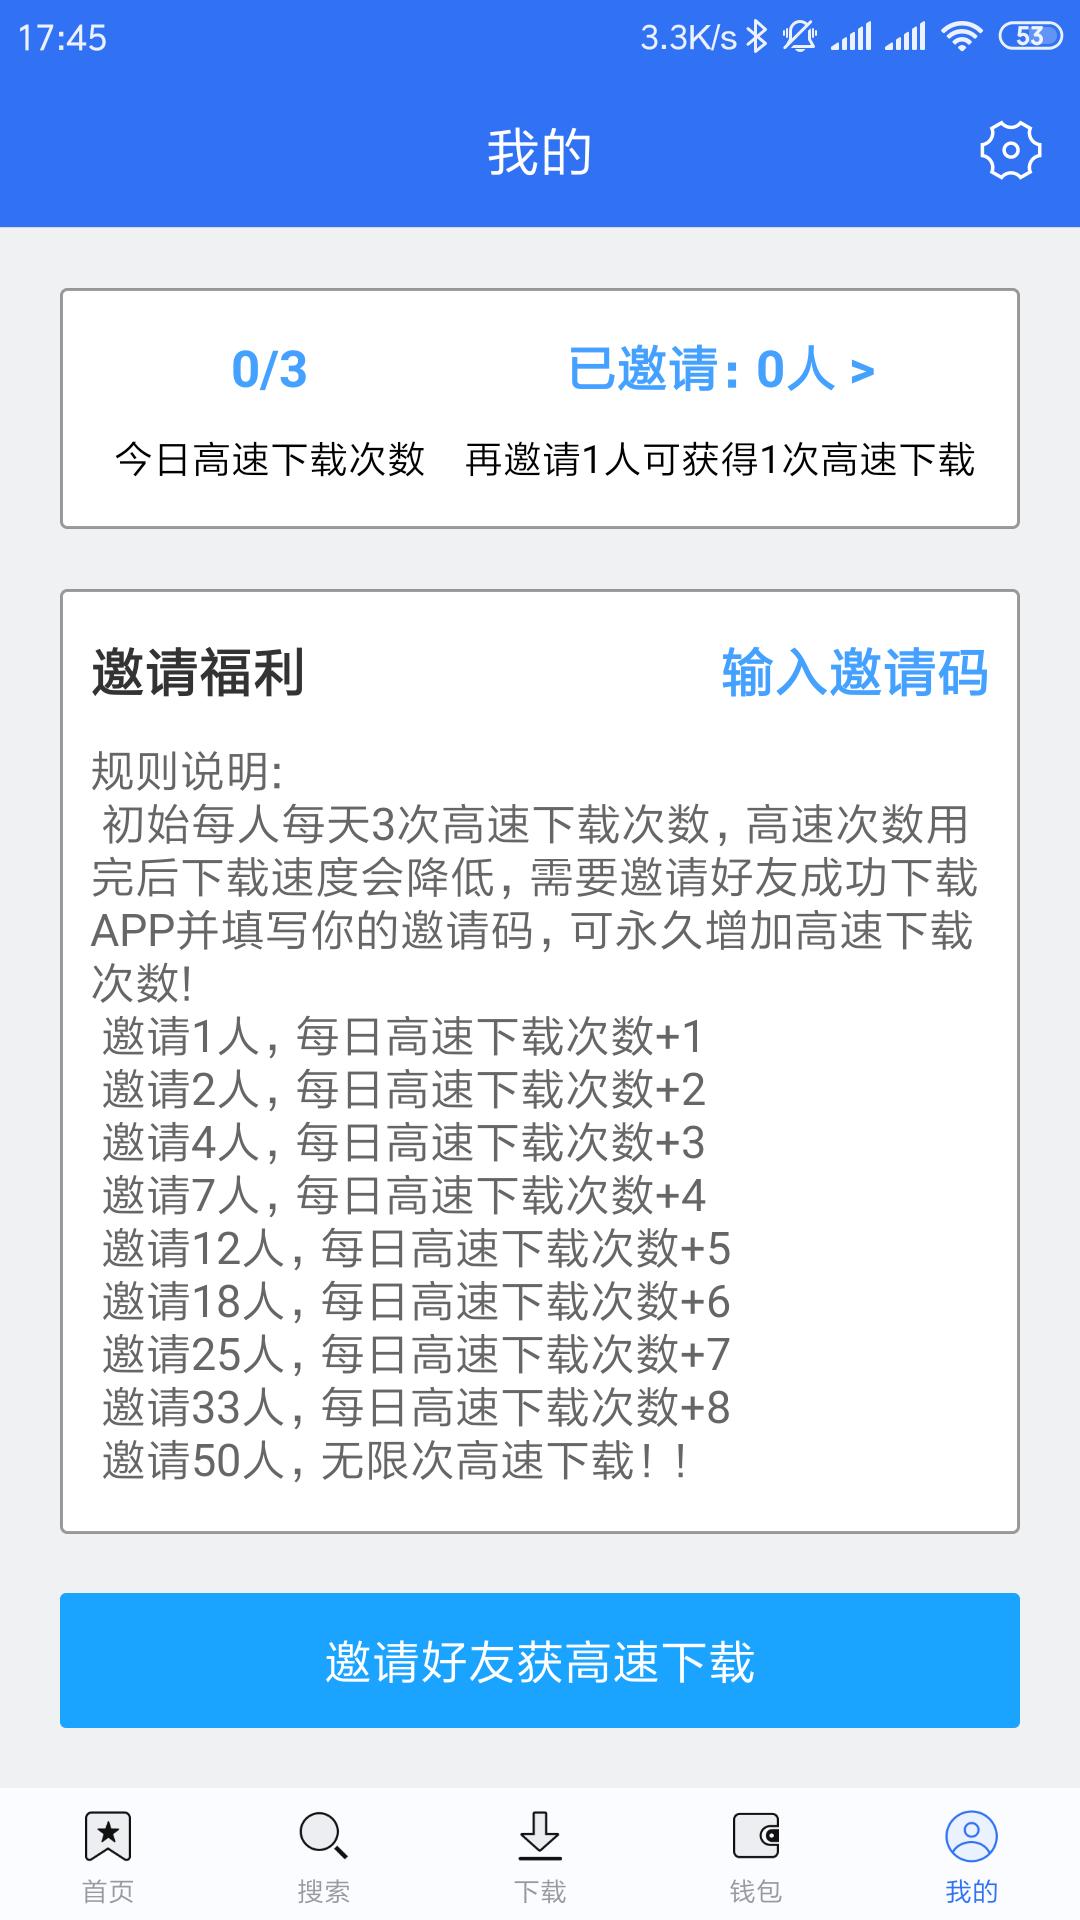 快下:能够替代手机迅雷的Android加速下载工具 (支持BT/磁力/ed2k/电驴)